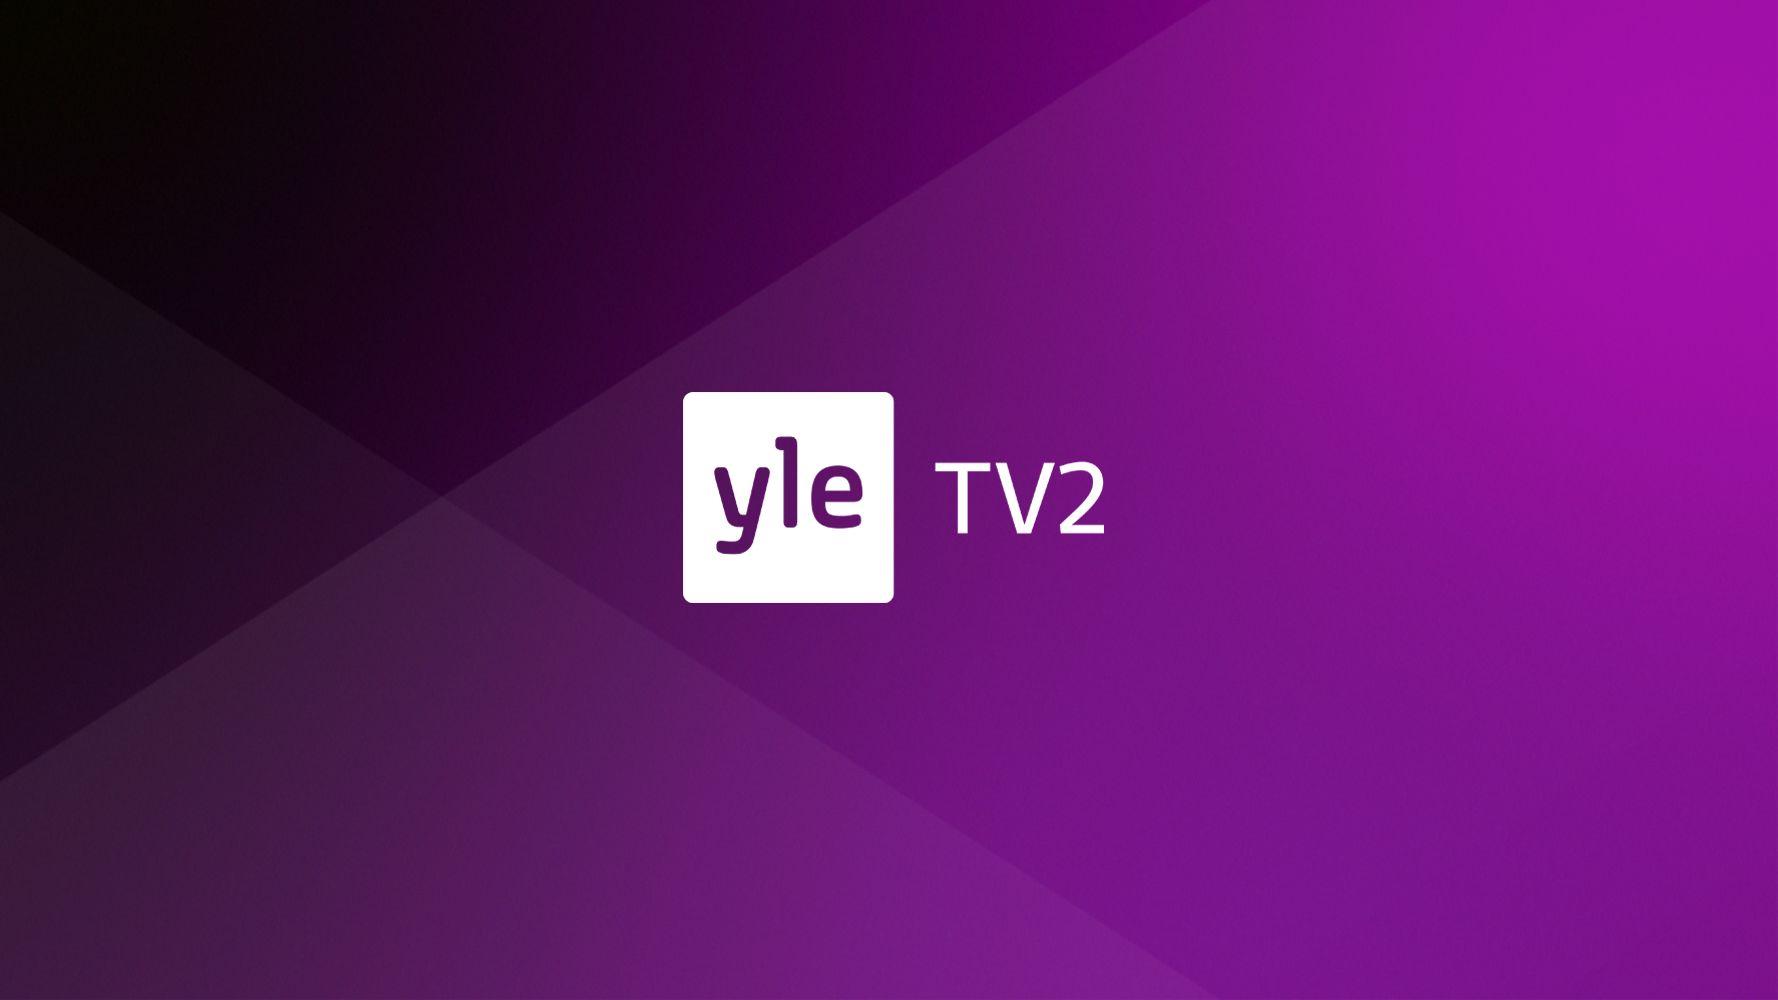 yle tv2 ohjelmat tänään Iisalmi